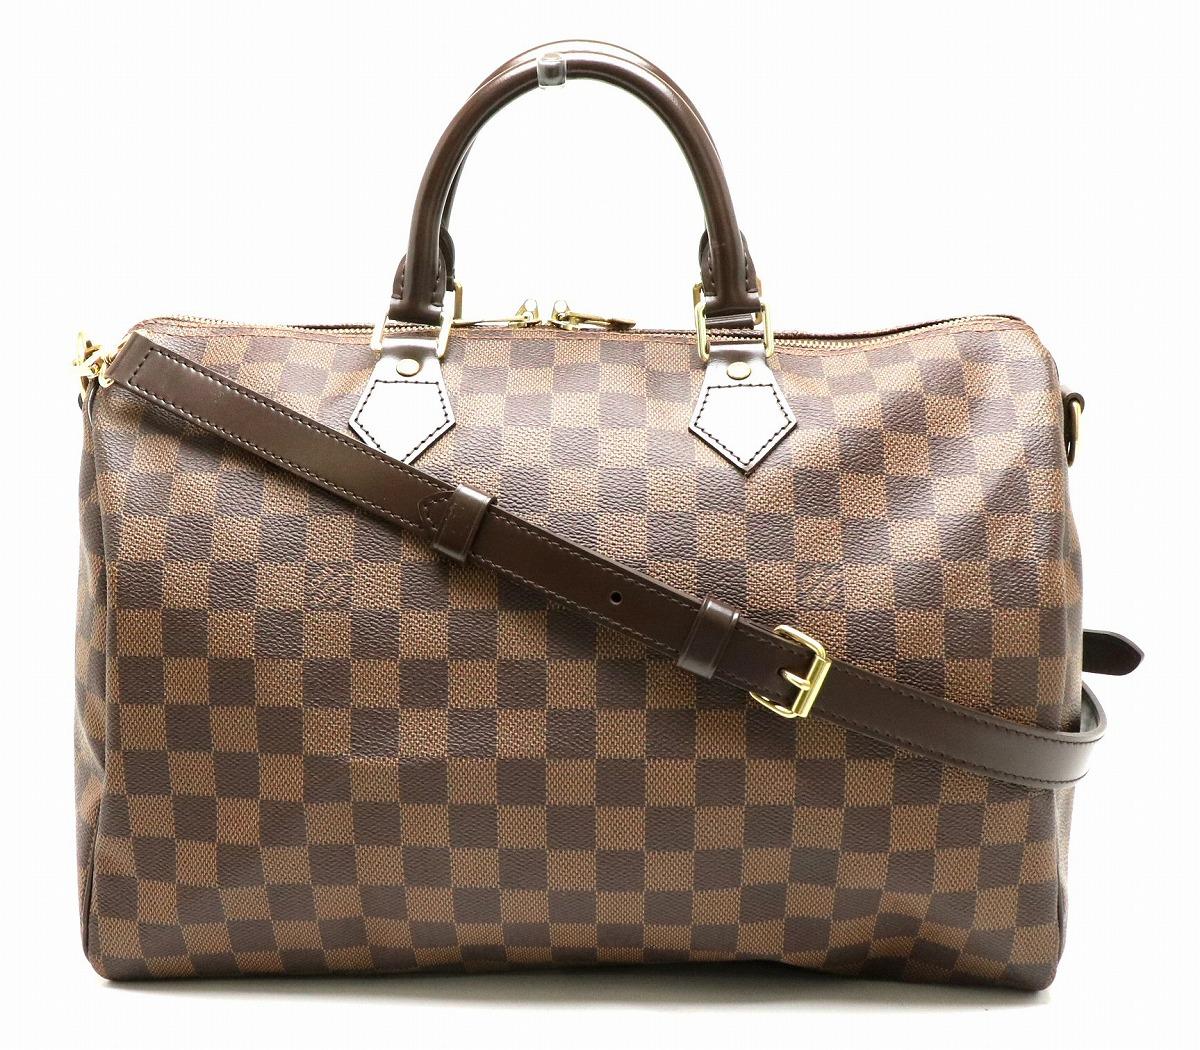 【バッグ】LOUIS VUITTON ルイ ヴィトン ダミエ スピーディ バンドリエール35 ハンドバッグ ボストンバッグ 2WAY ショルダーバッグ N41182 【中古】【s】